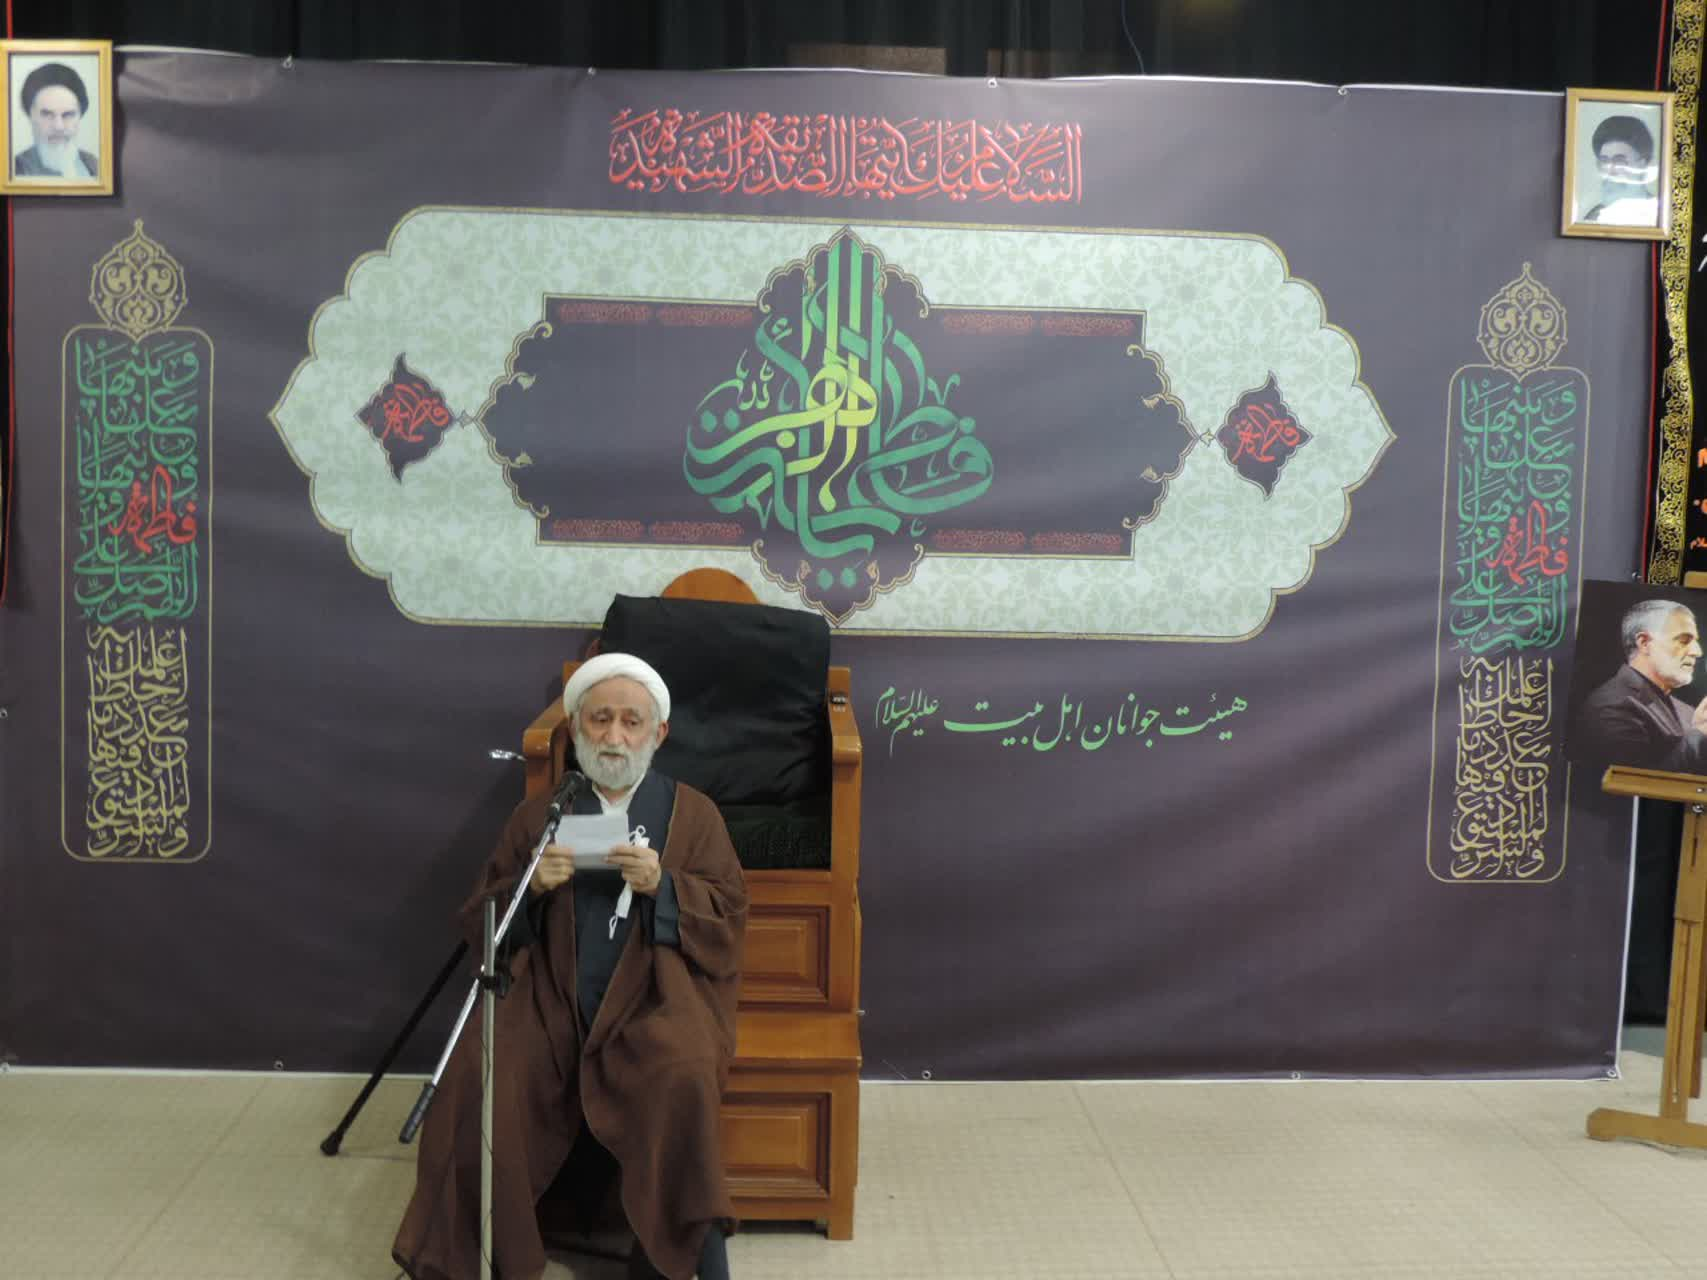 ماجرای تلاوت مکرر آیه تطهیر در مقابل خانه حضرت زهرا(س)